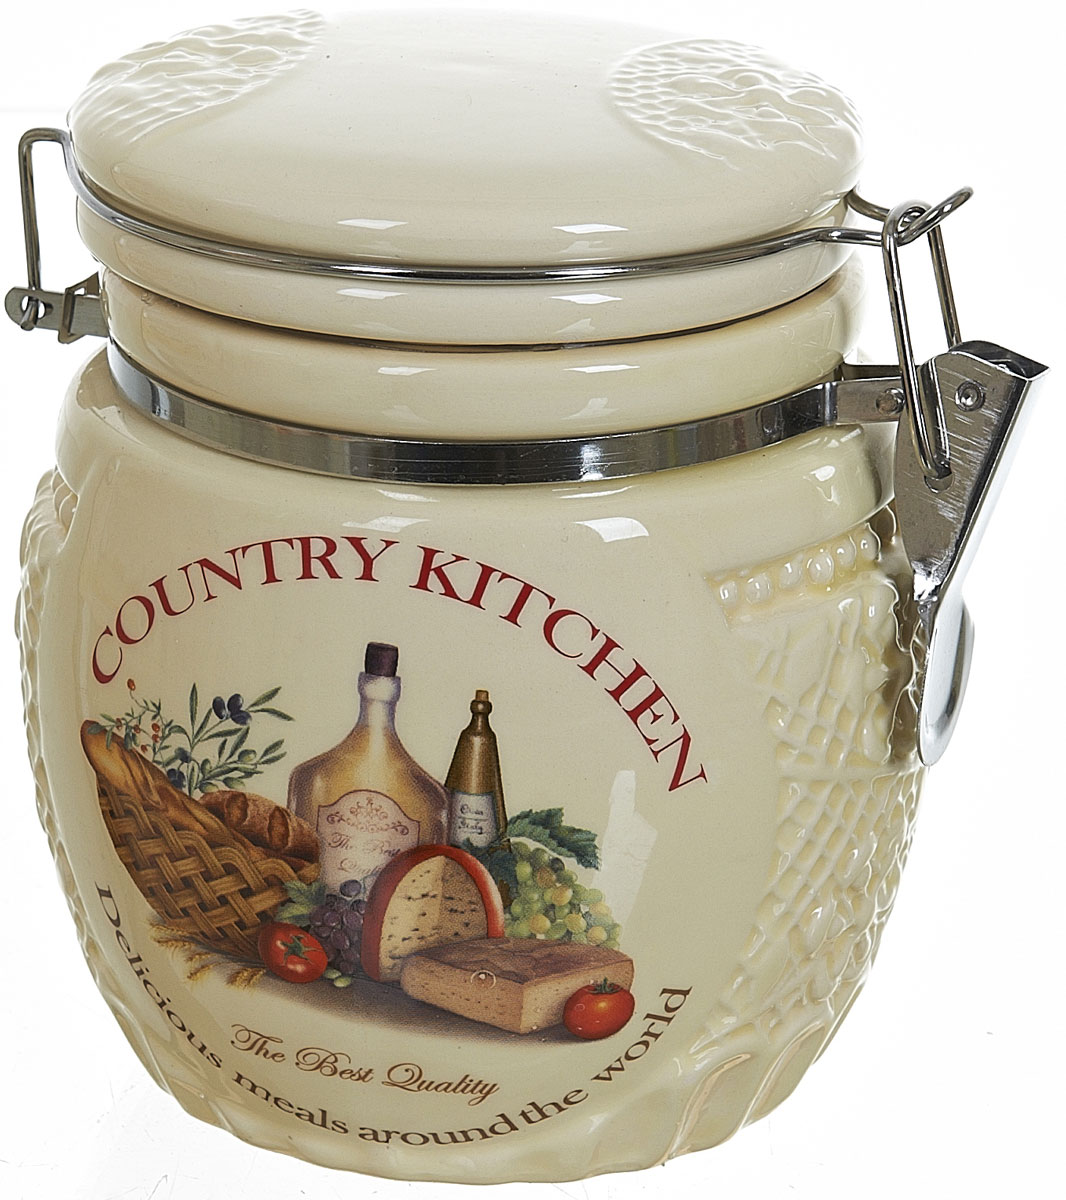 Банка для сыпучих продуктов Polystar Country Kitchen, 730 млVT-1520(SR)Банка для сыпучих продуктов Country Kitchen изготовлена из прочной керамики, закрывается крышкой. Банка прекрасно подойдет для хранения различных сыпучих продуктов: чая, кофе, сахара, круп и многого другого. Благодаря силиконовой прослойке и бугельному замку, крышка герметично закрывается, что позволяет дольше сохранять продукты свежими. Изящная емкость не только поможет хранить разнообразные сыпучие продукты, но и стильно дополнит интерьер кухни.